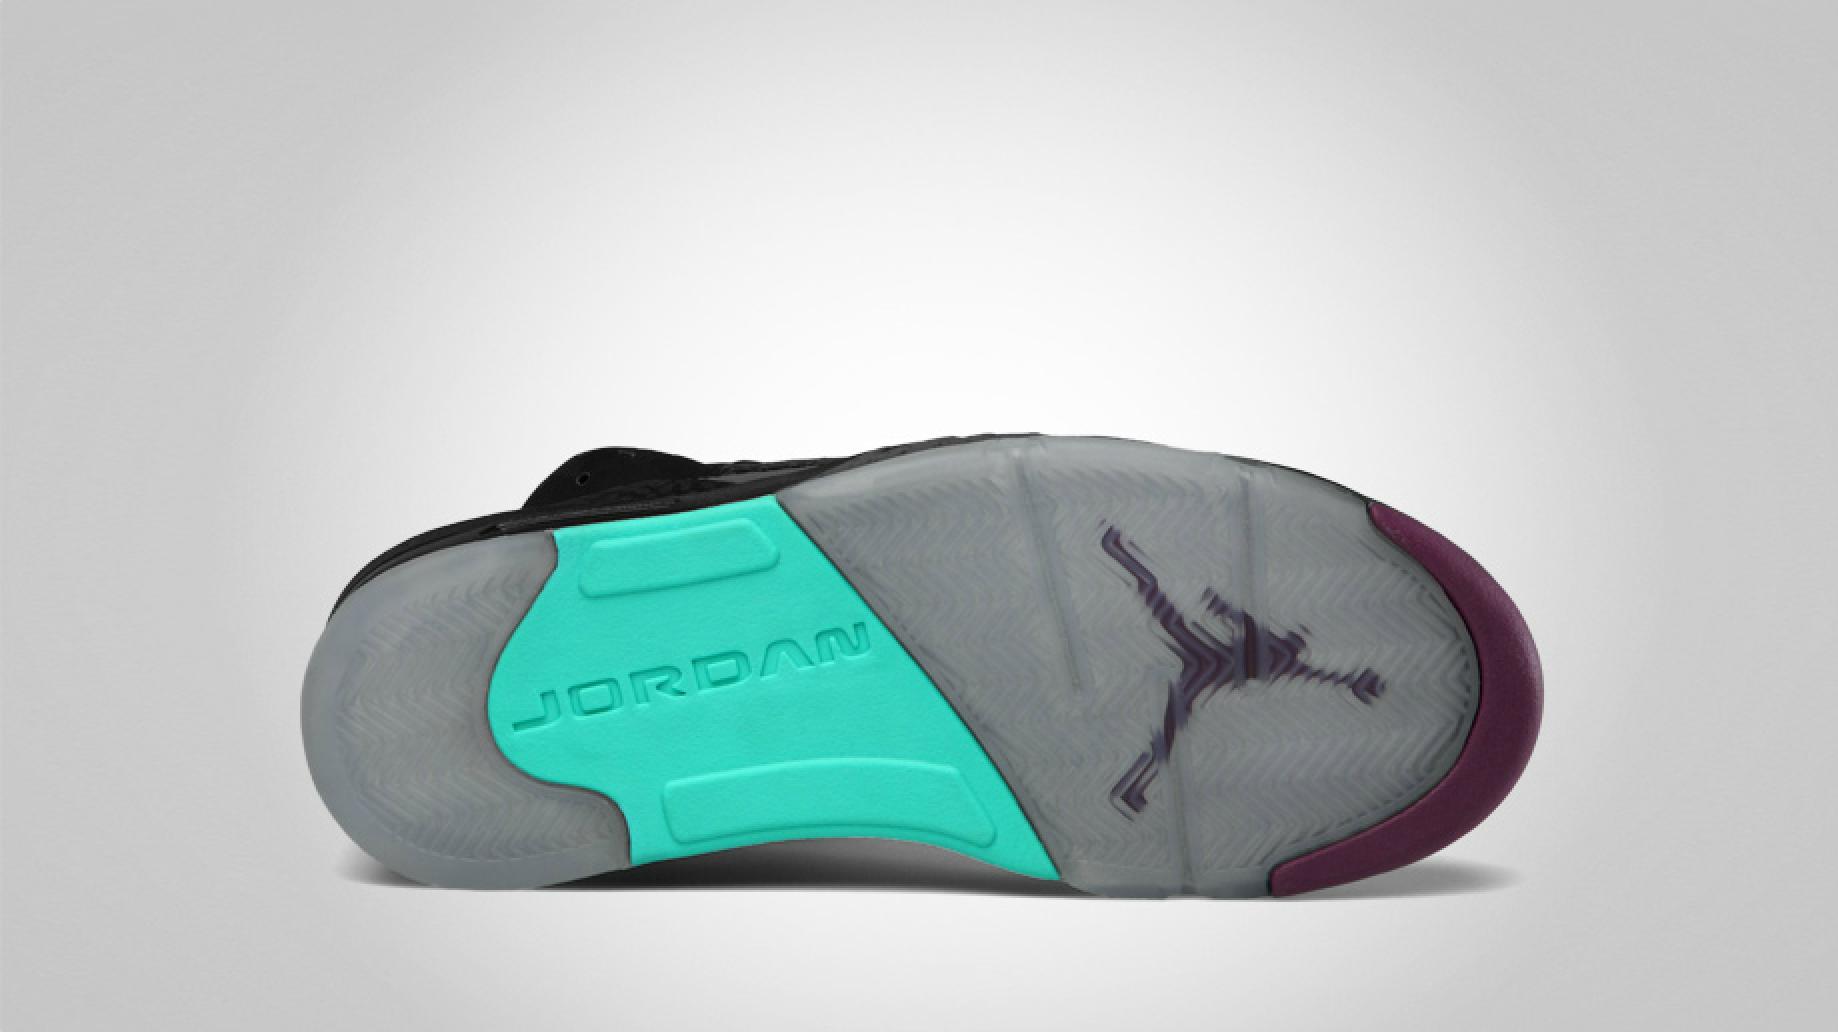 sneakers for cheap c2da3 40ca6 Jordan Son of Mars  Bordeaux  - Release Date + Info